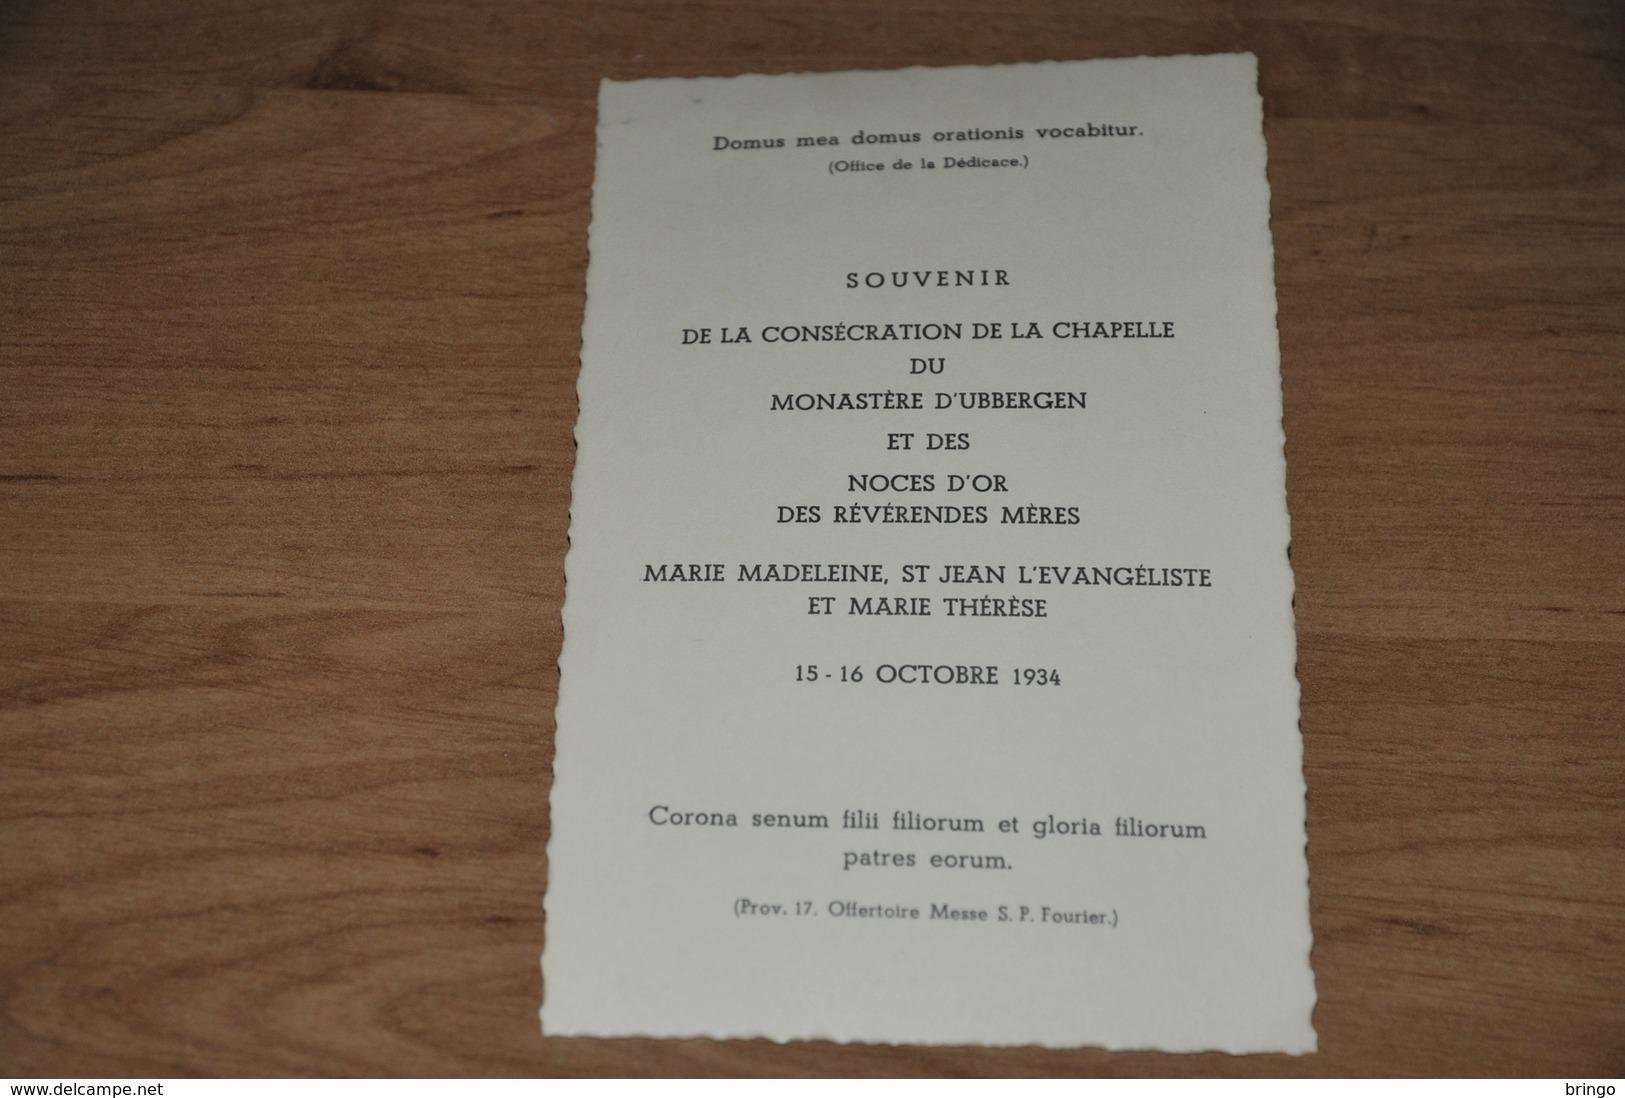 487- Souvenir De La Consécration De La Chapelle Du Monastère D'Ubbergen..... 15-16 Octobre 1934 - Belgique